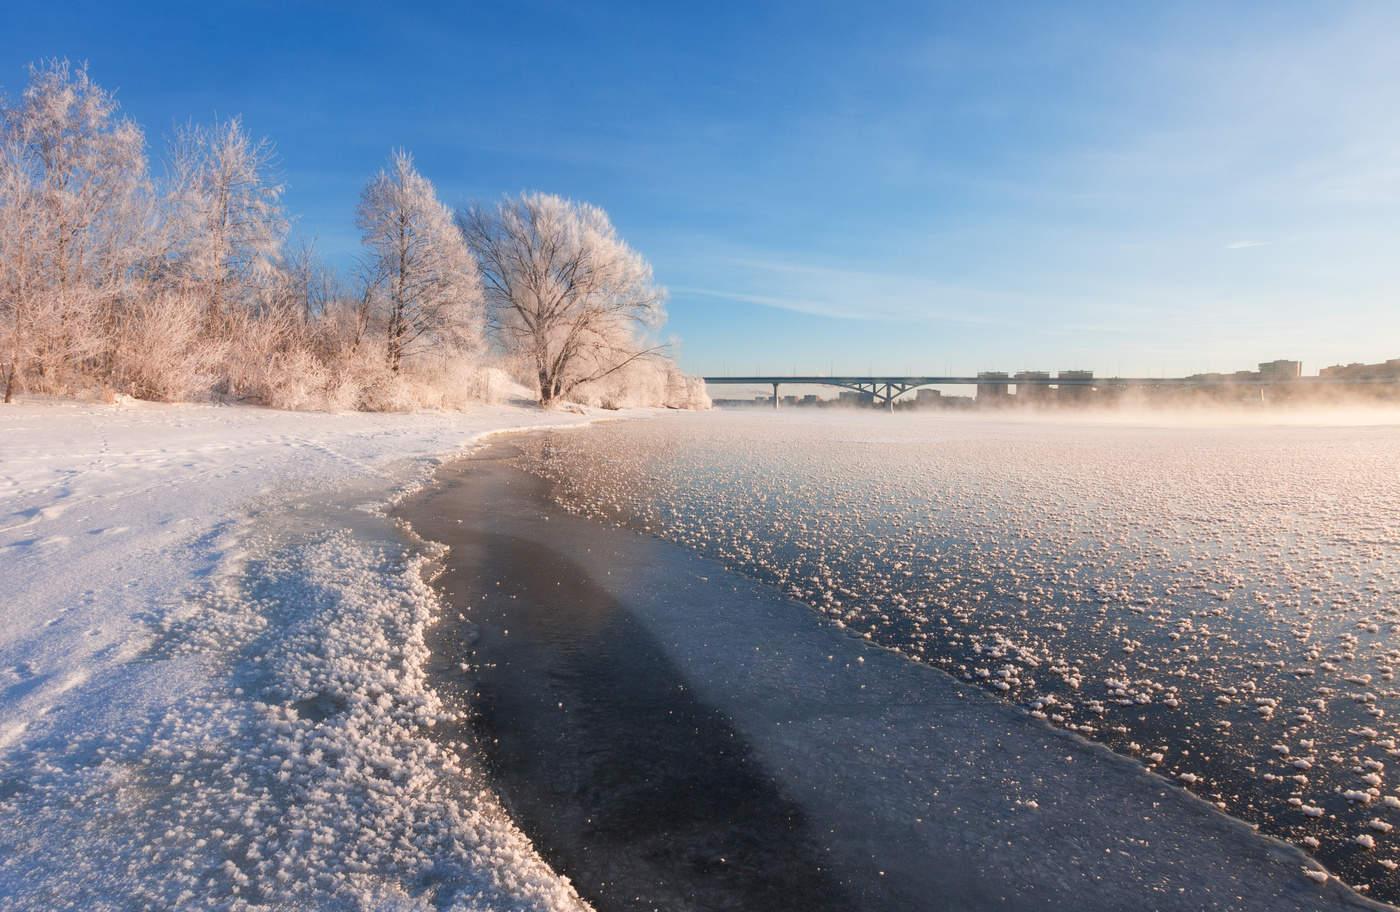 влюбленные удалили андрей зима фото почему-то, чем